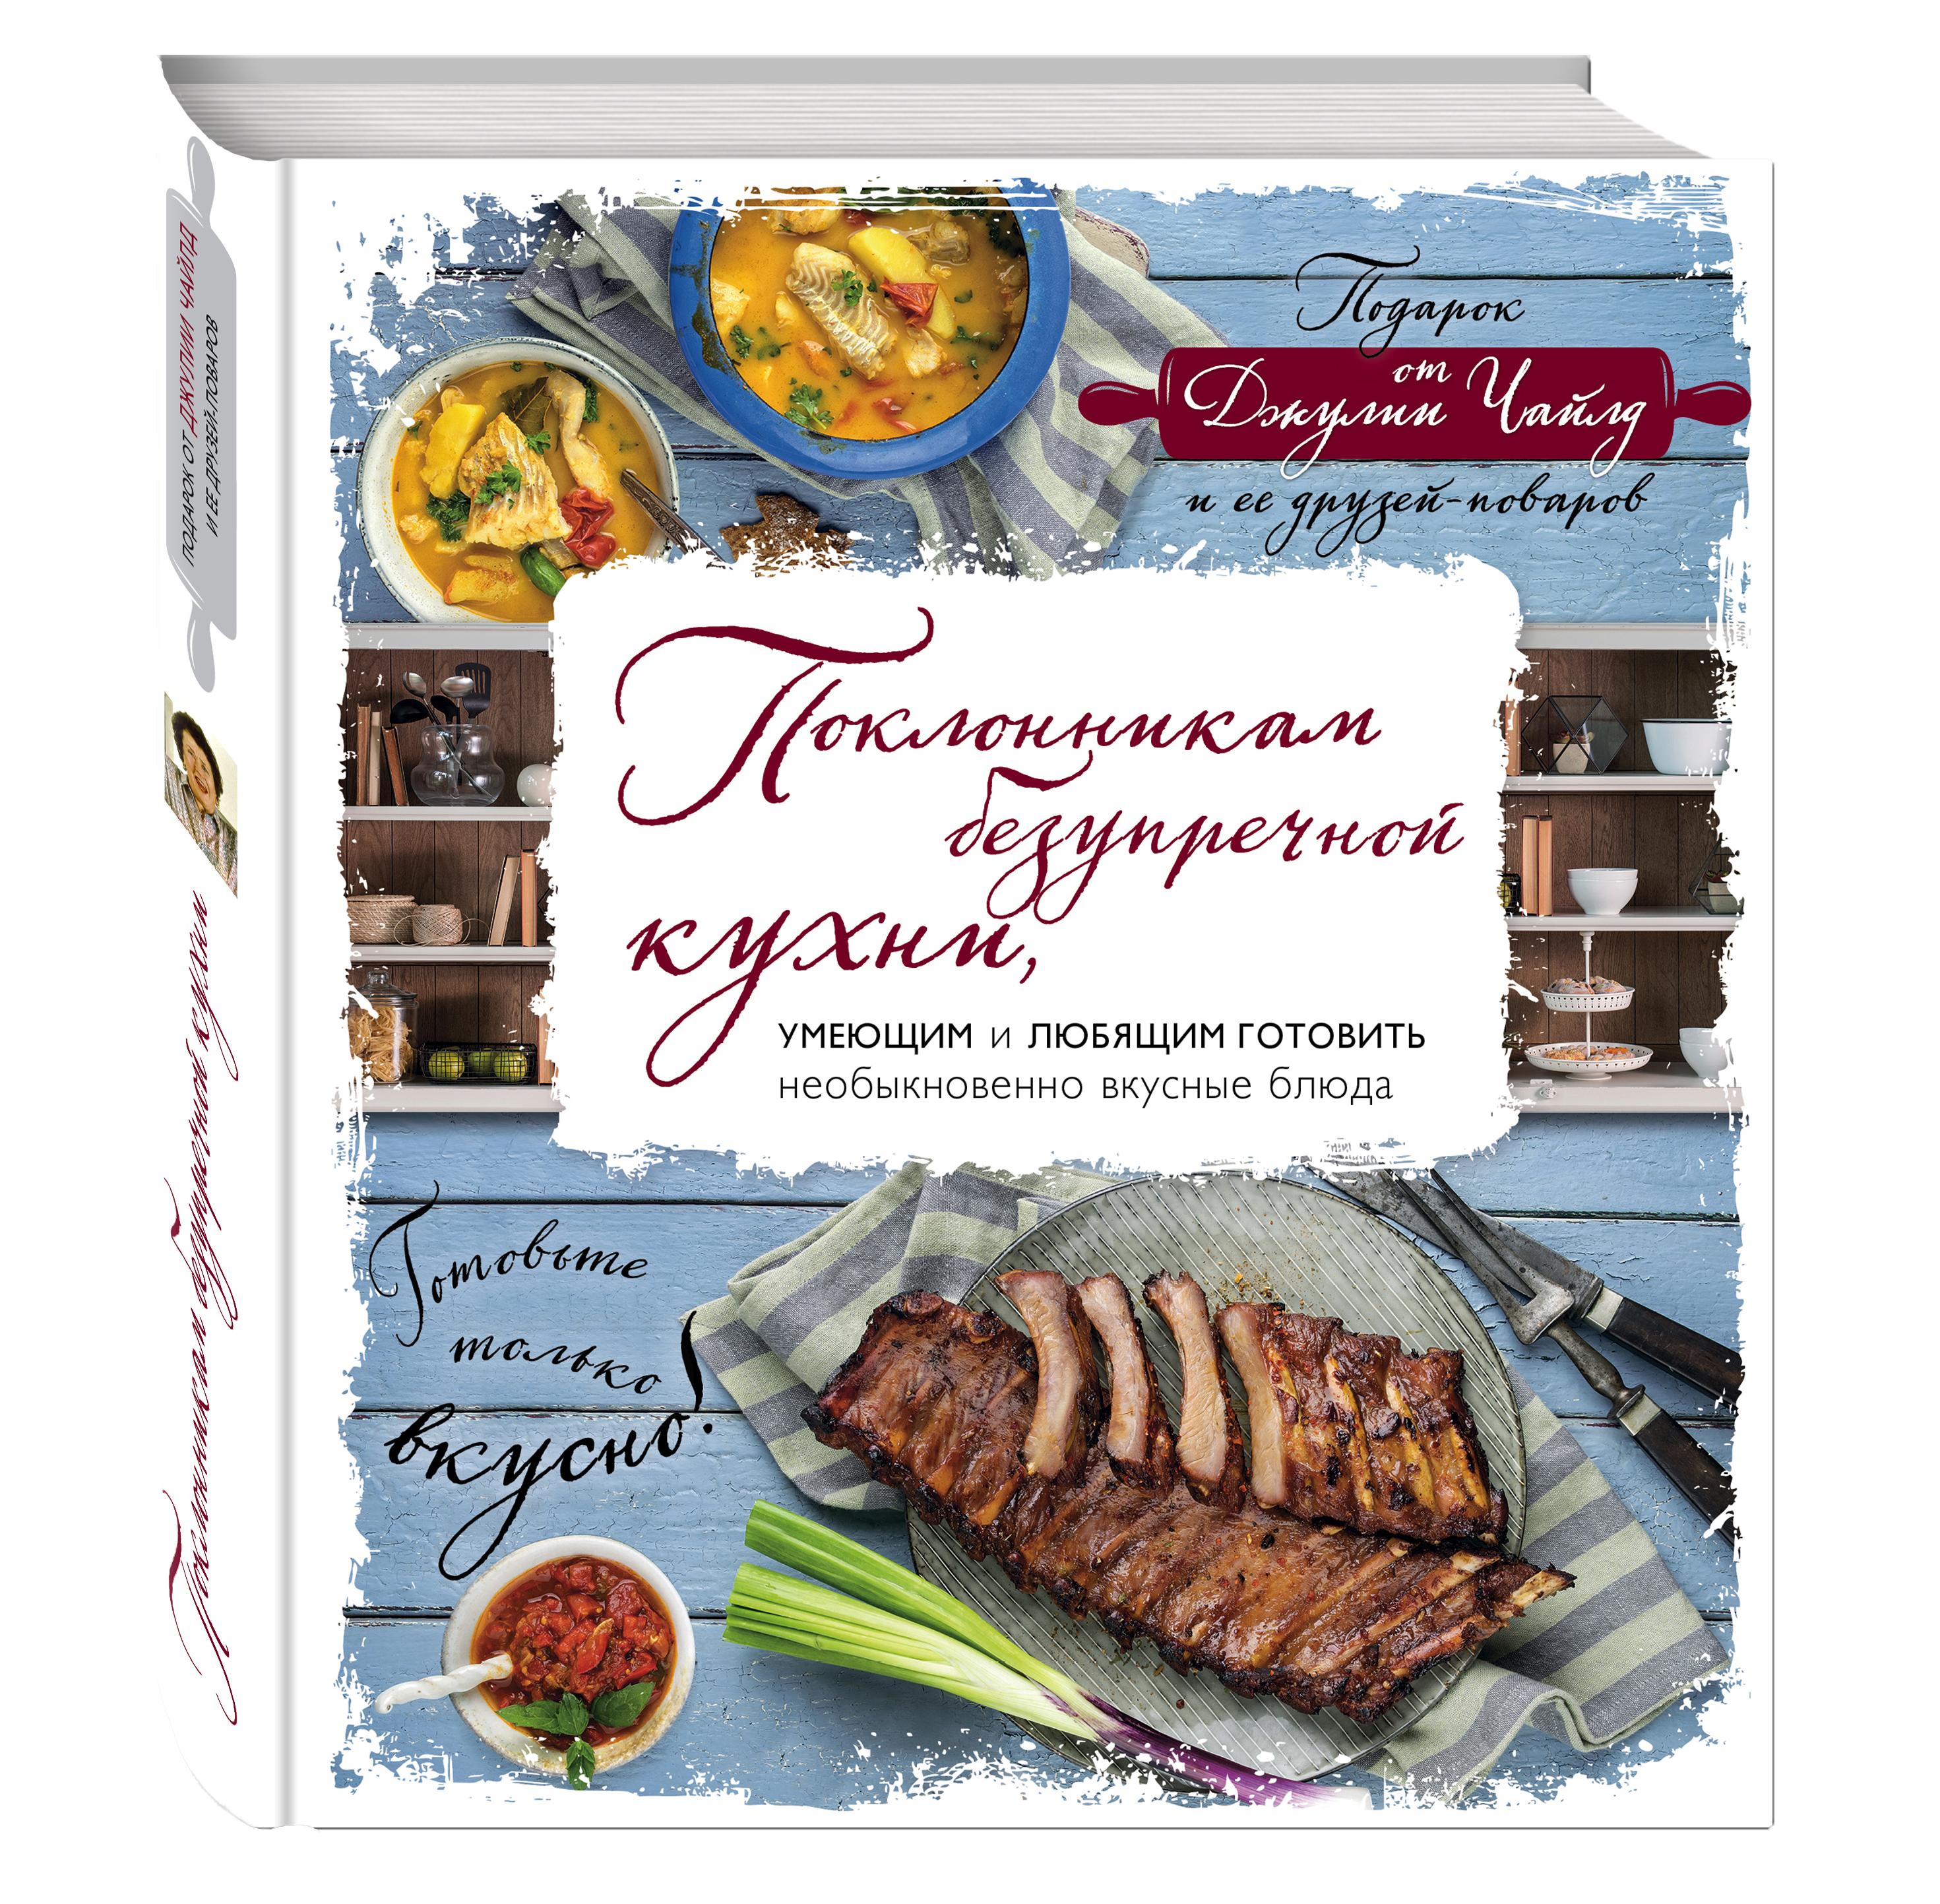 Поклонникам безупречной кухни. Подарок от Джулии Чайлд и ее друзей-поваров (книга в суперобложке)